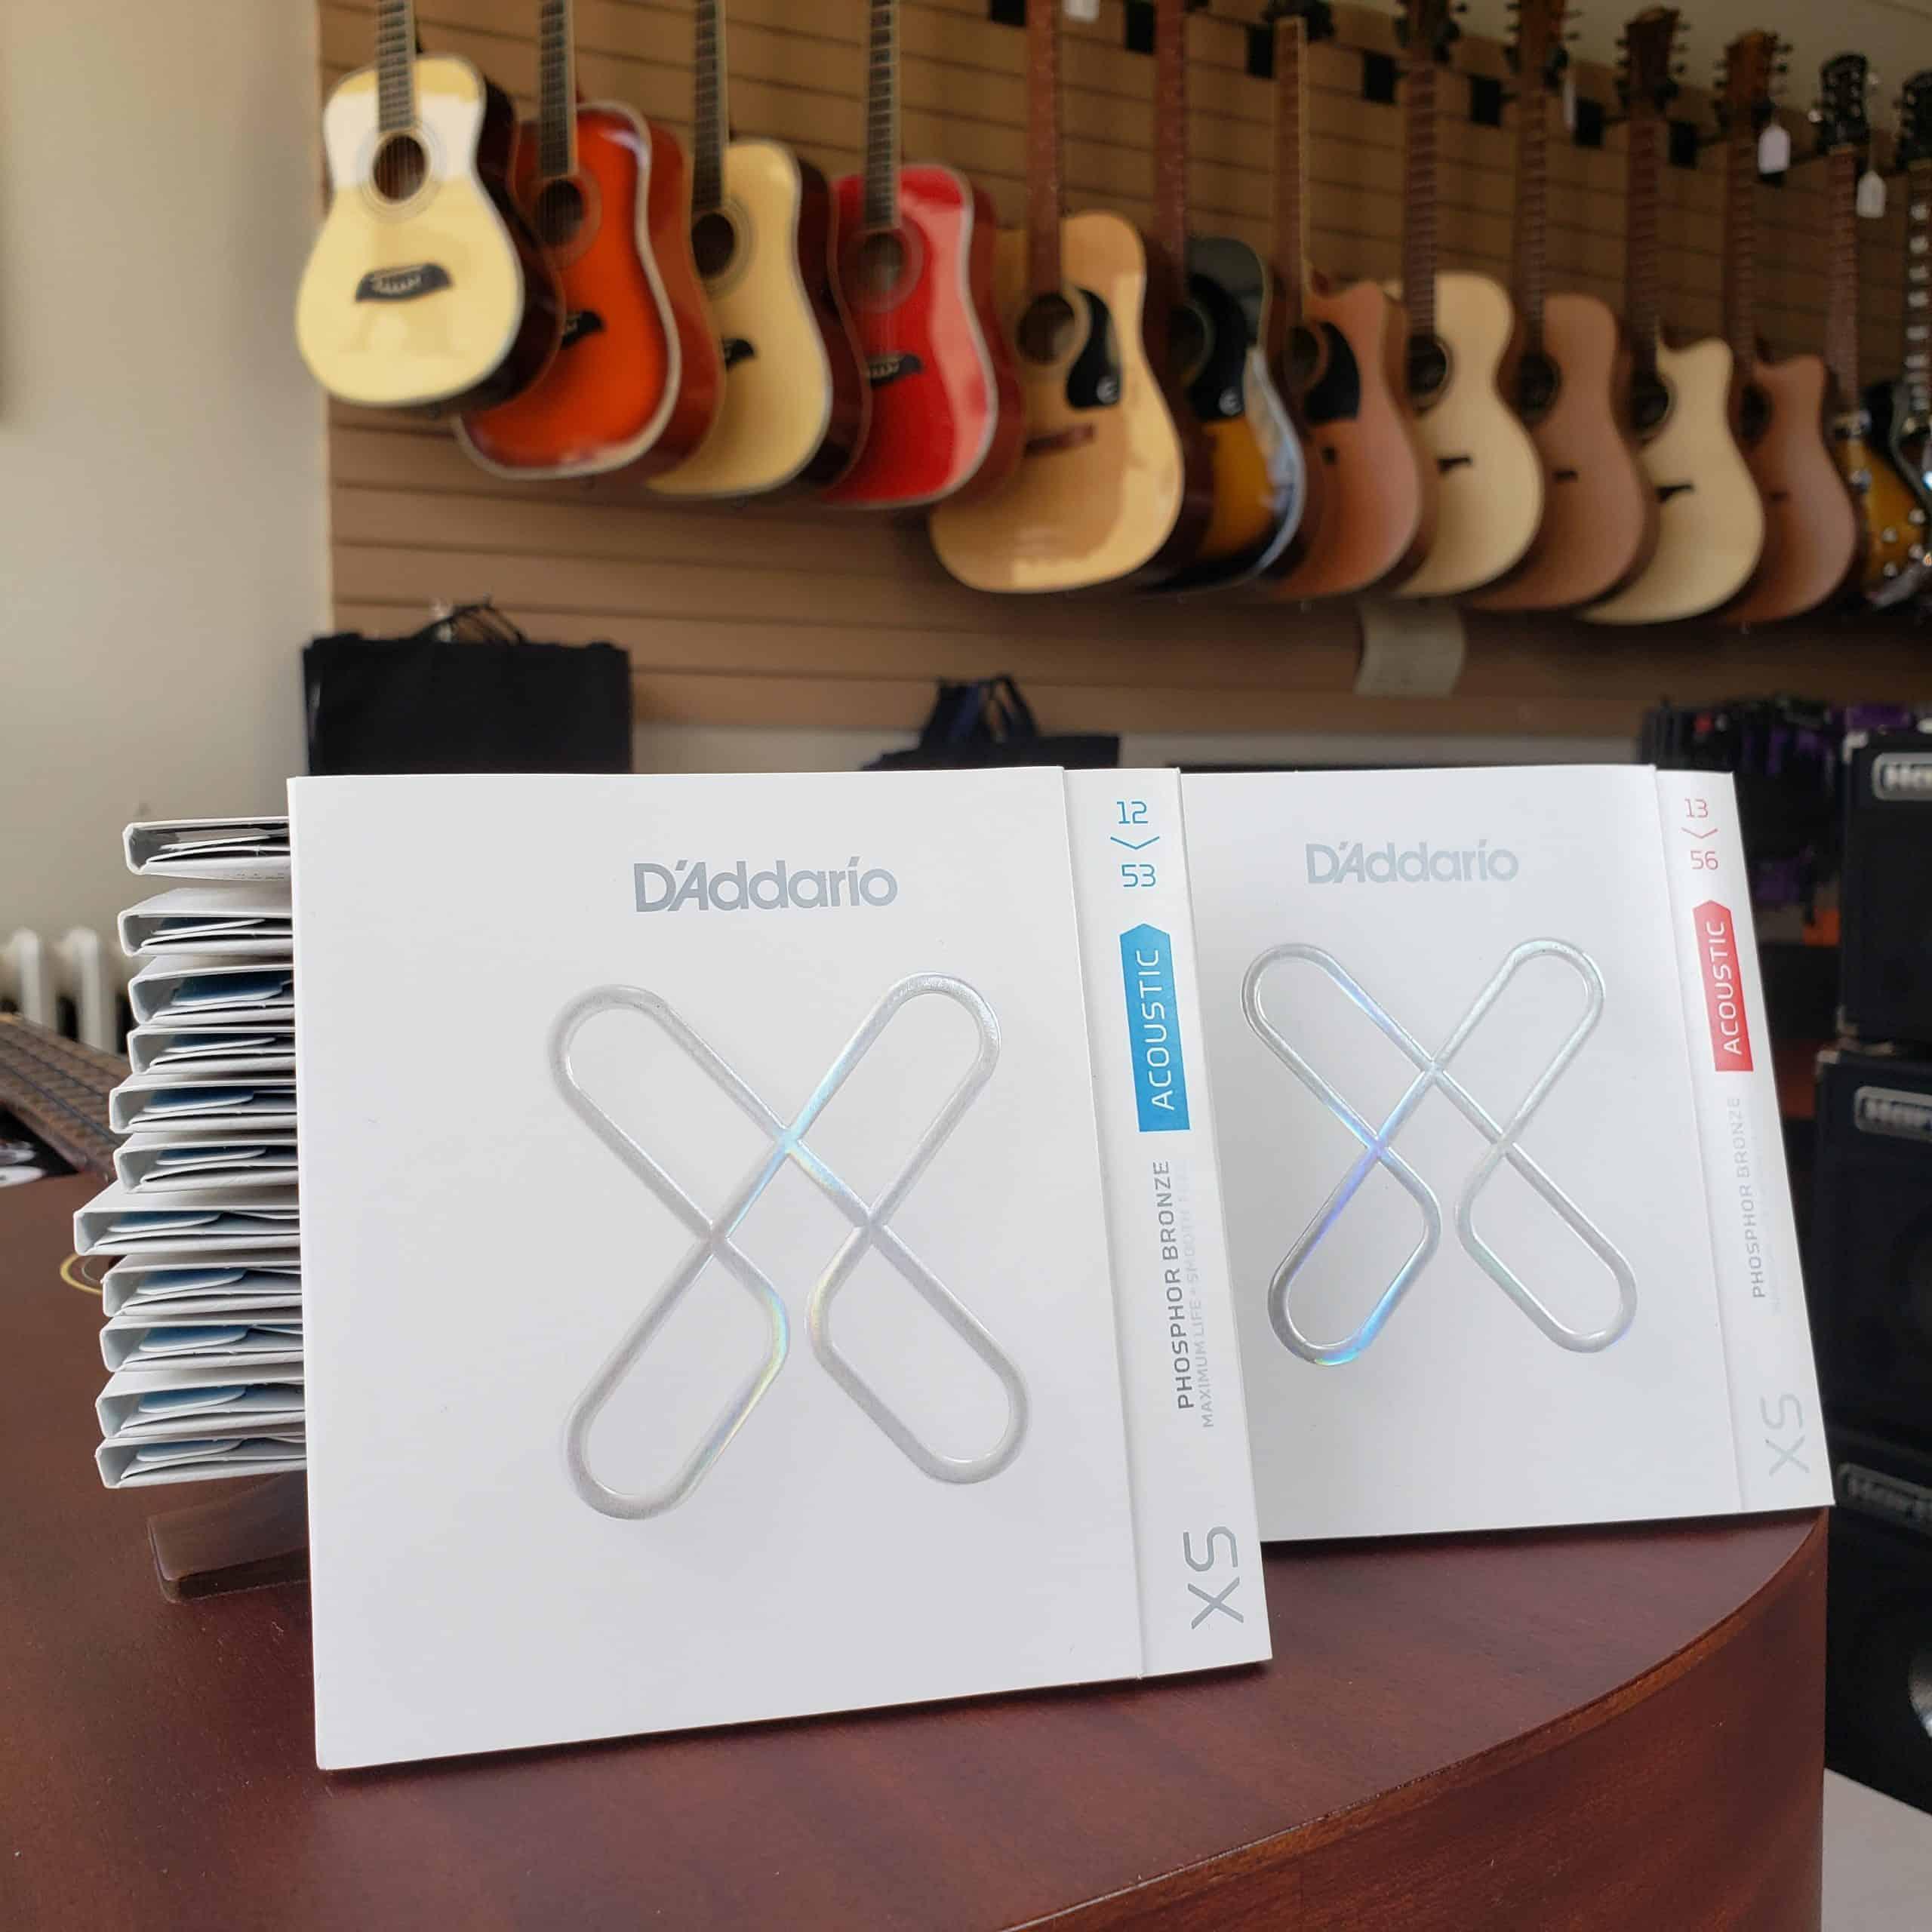 D'Addario XS AcousticStrings